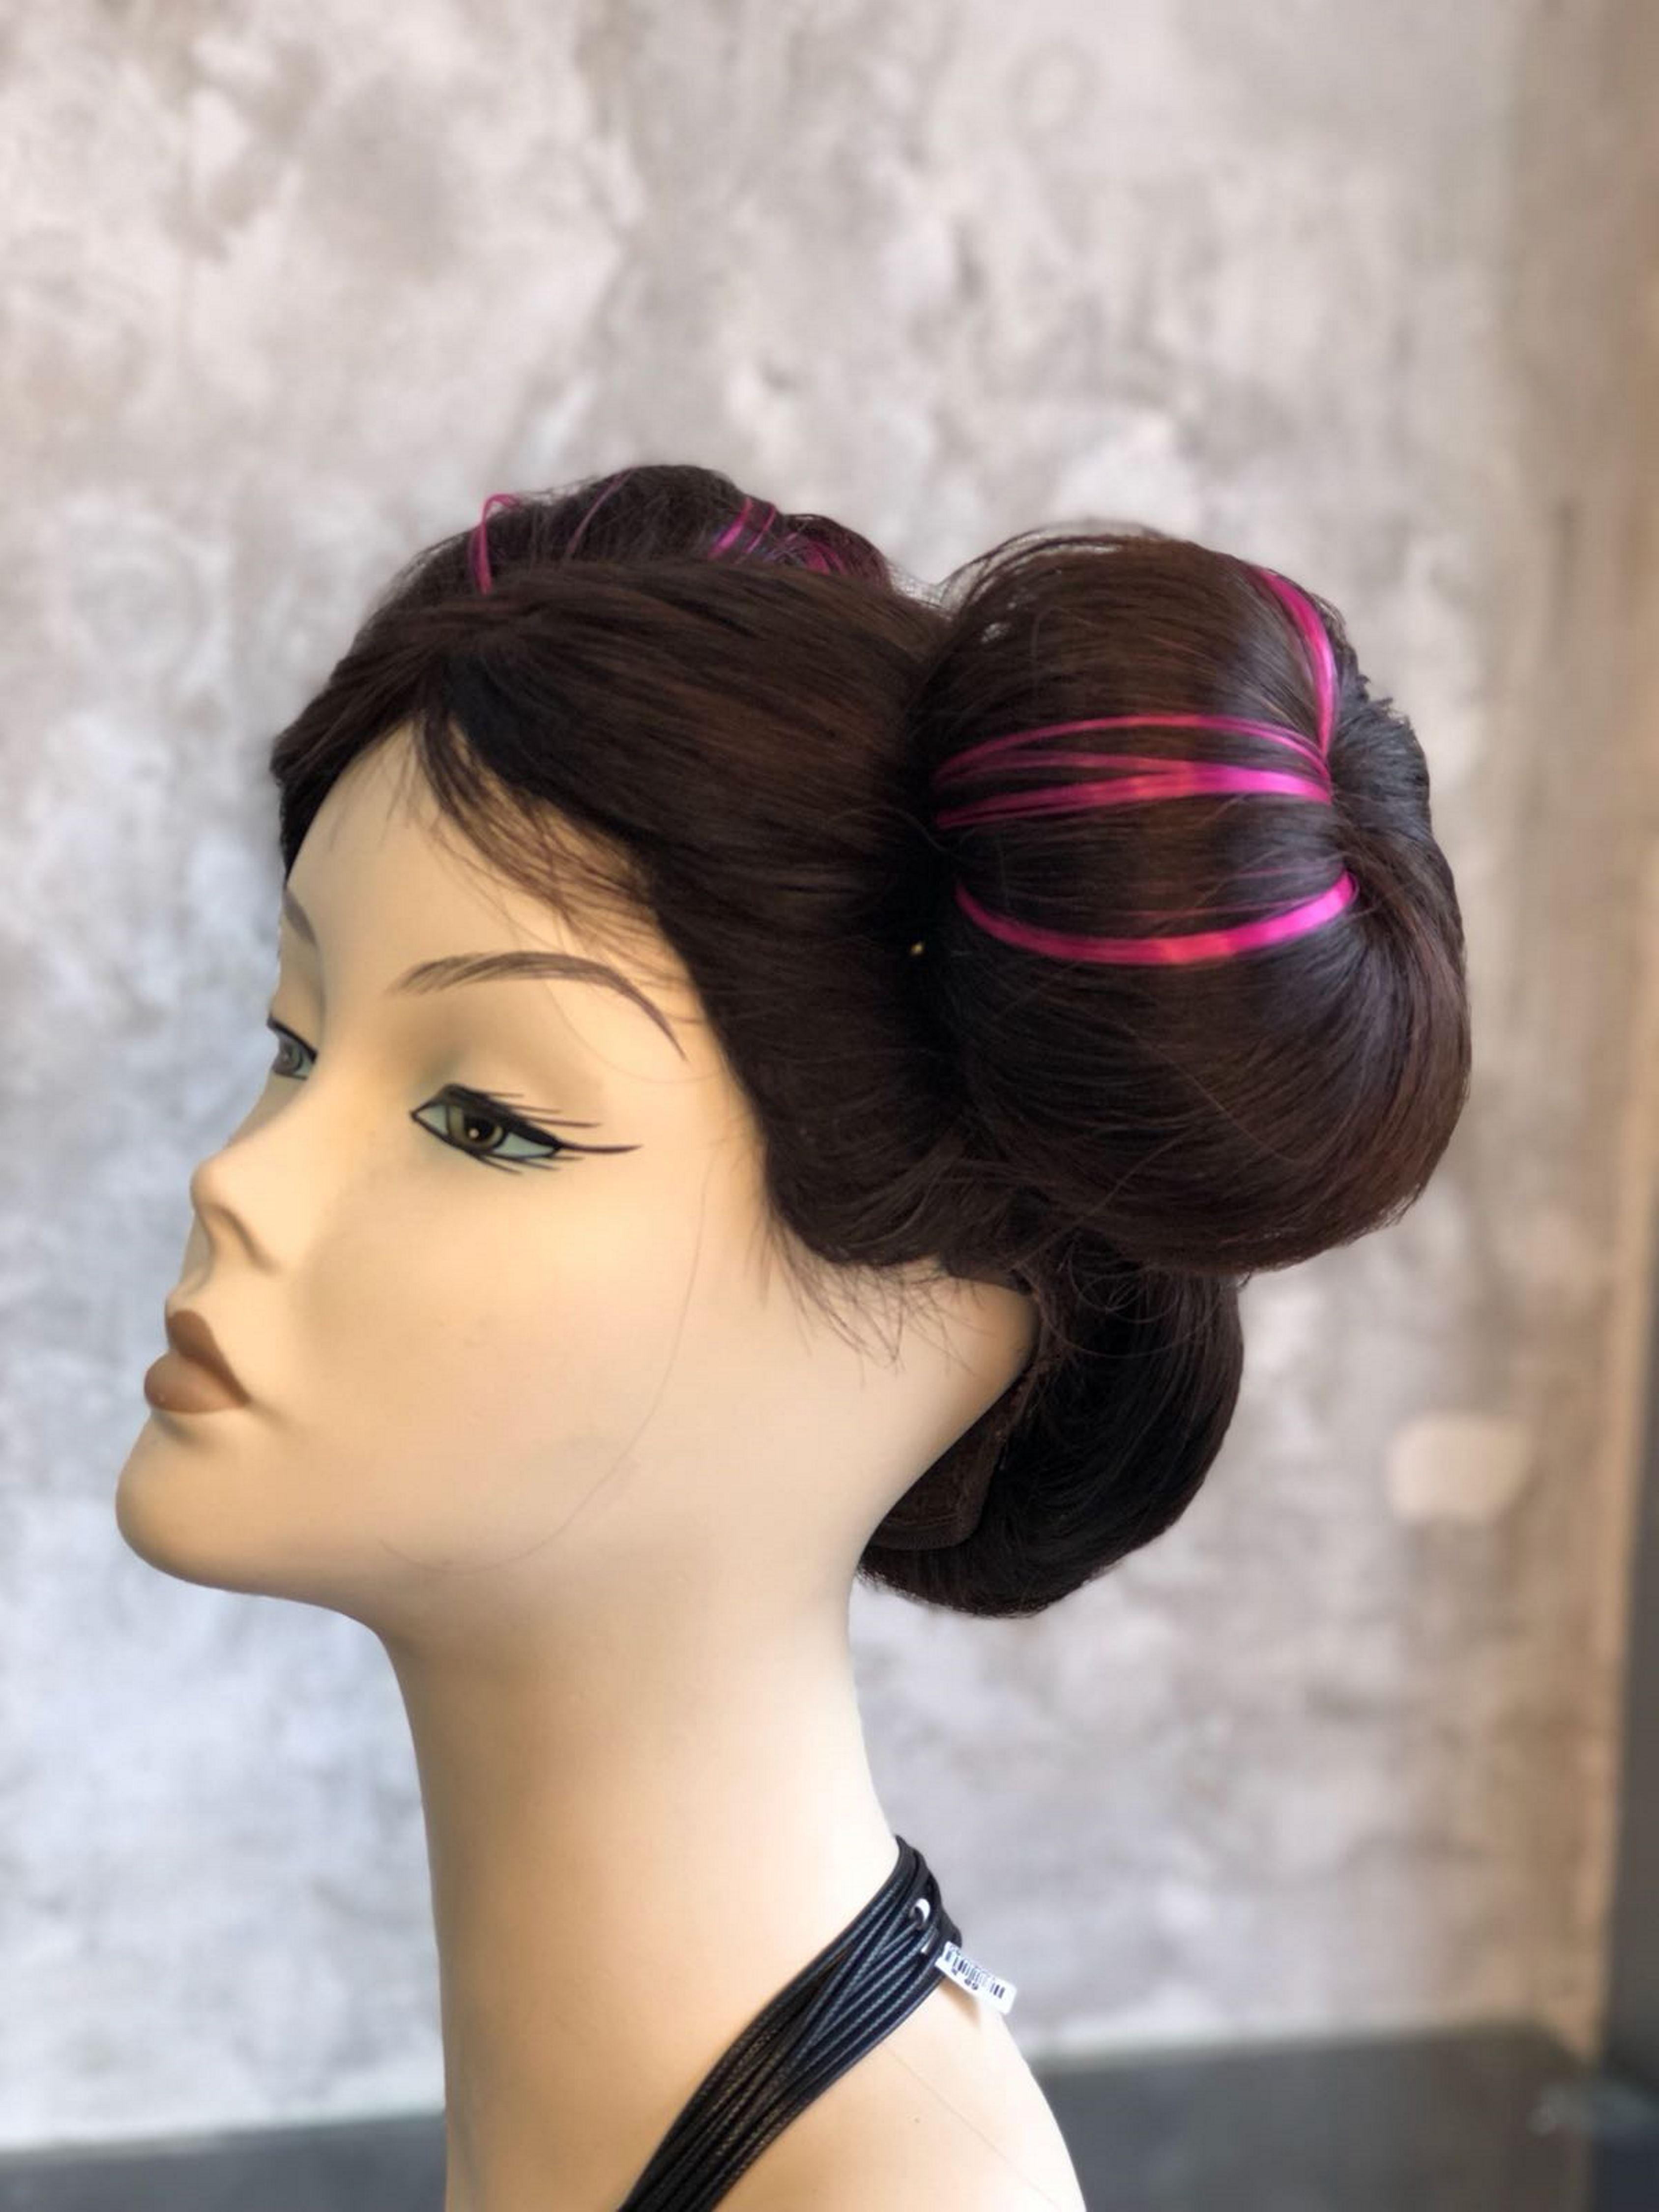 6.תסרוקת הגולגולים האייקונית מוכנה, דורון פסקינו פתרונות שיער, צלם לילי פסקינו (2)